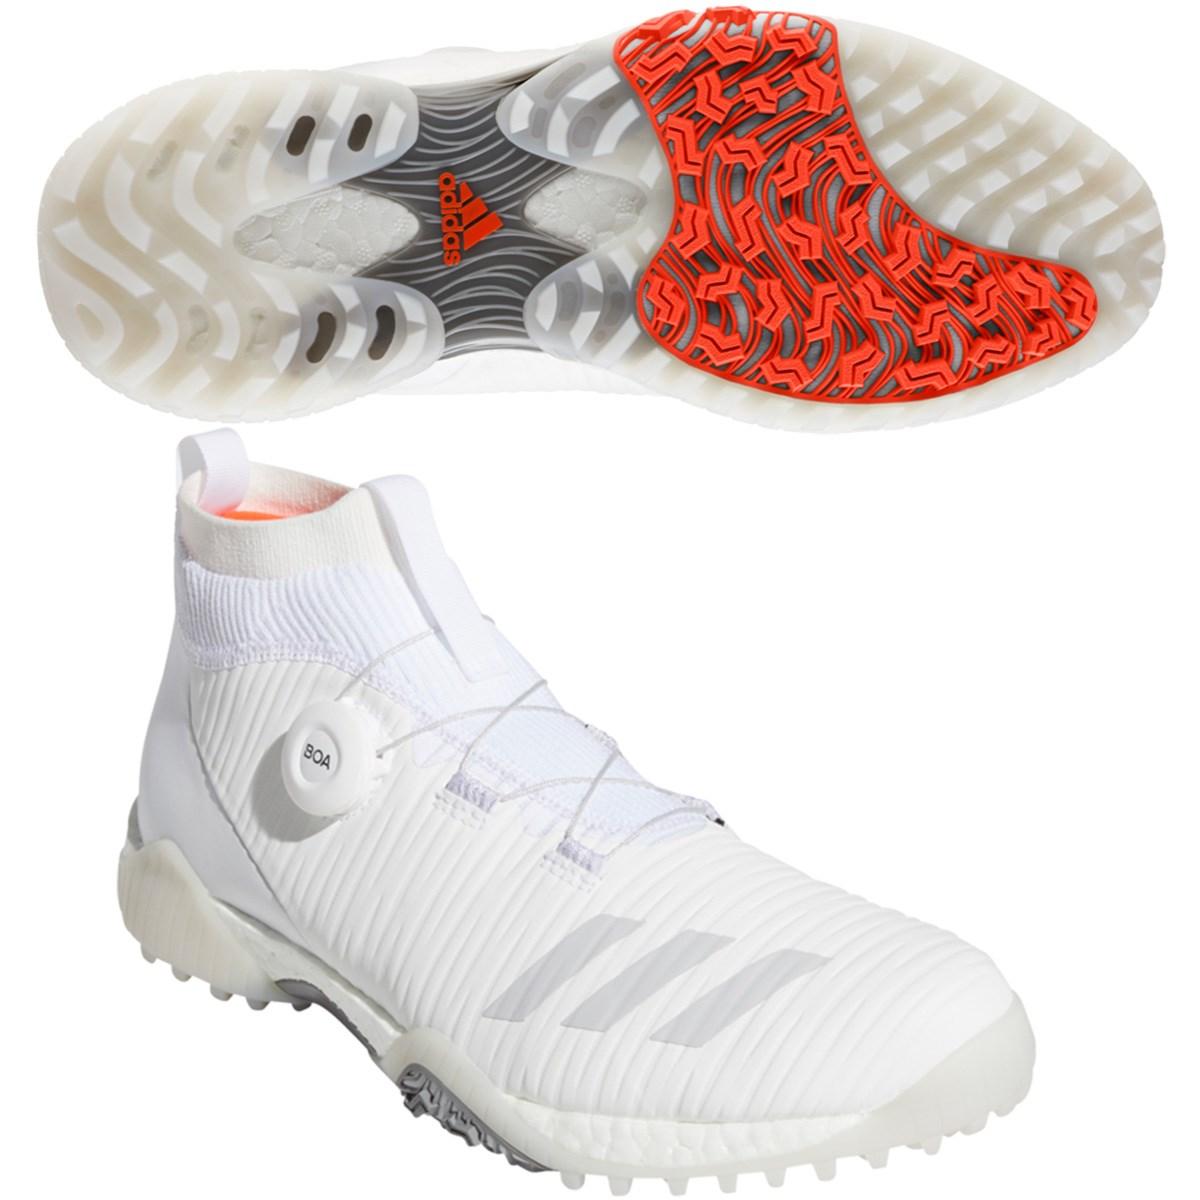 アディダス Adidas コードカオス ボア シューズ 26cm ホワイト/グレーワン/ソーラーレッド